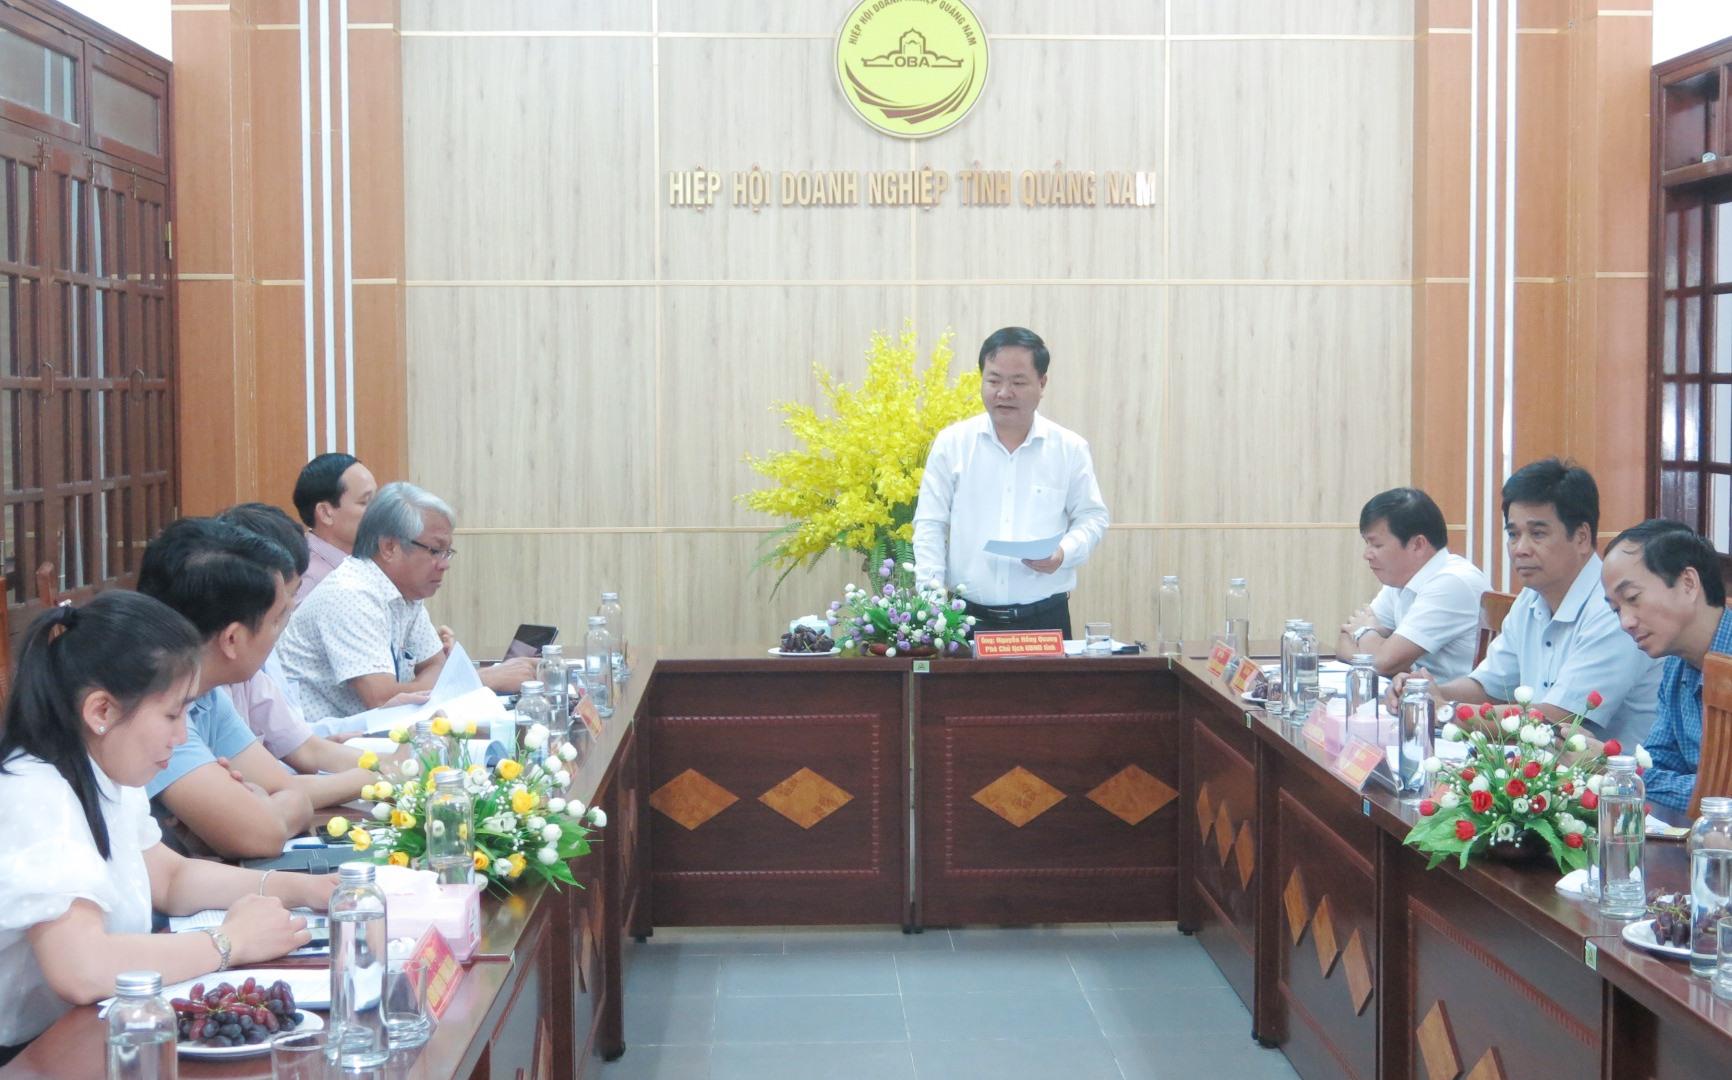 Phó Chủ tịch UBND tỉnh Nguyễn Hồng Quang chủ trì tiếp doanh nghiệp định kỳ tháng 4.2021. Ảnh: T.D